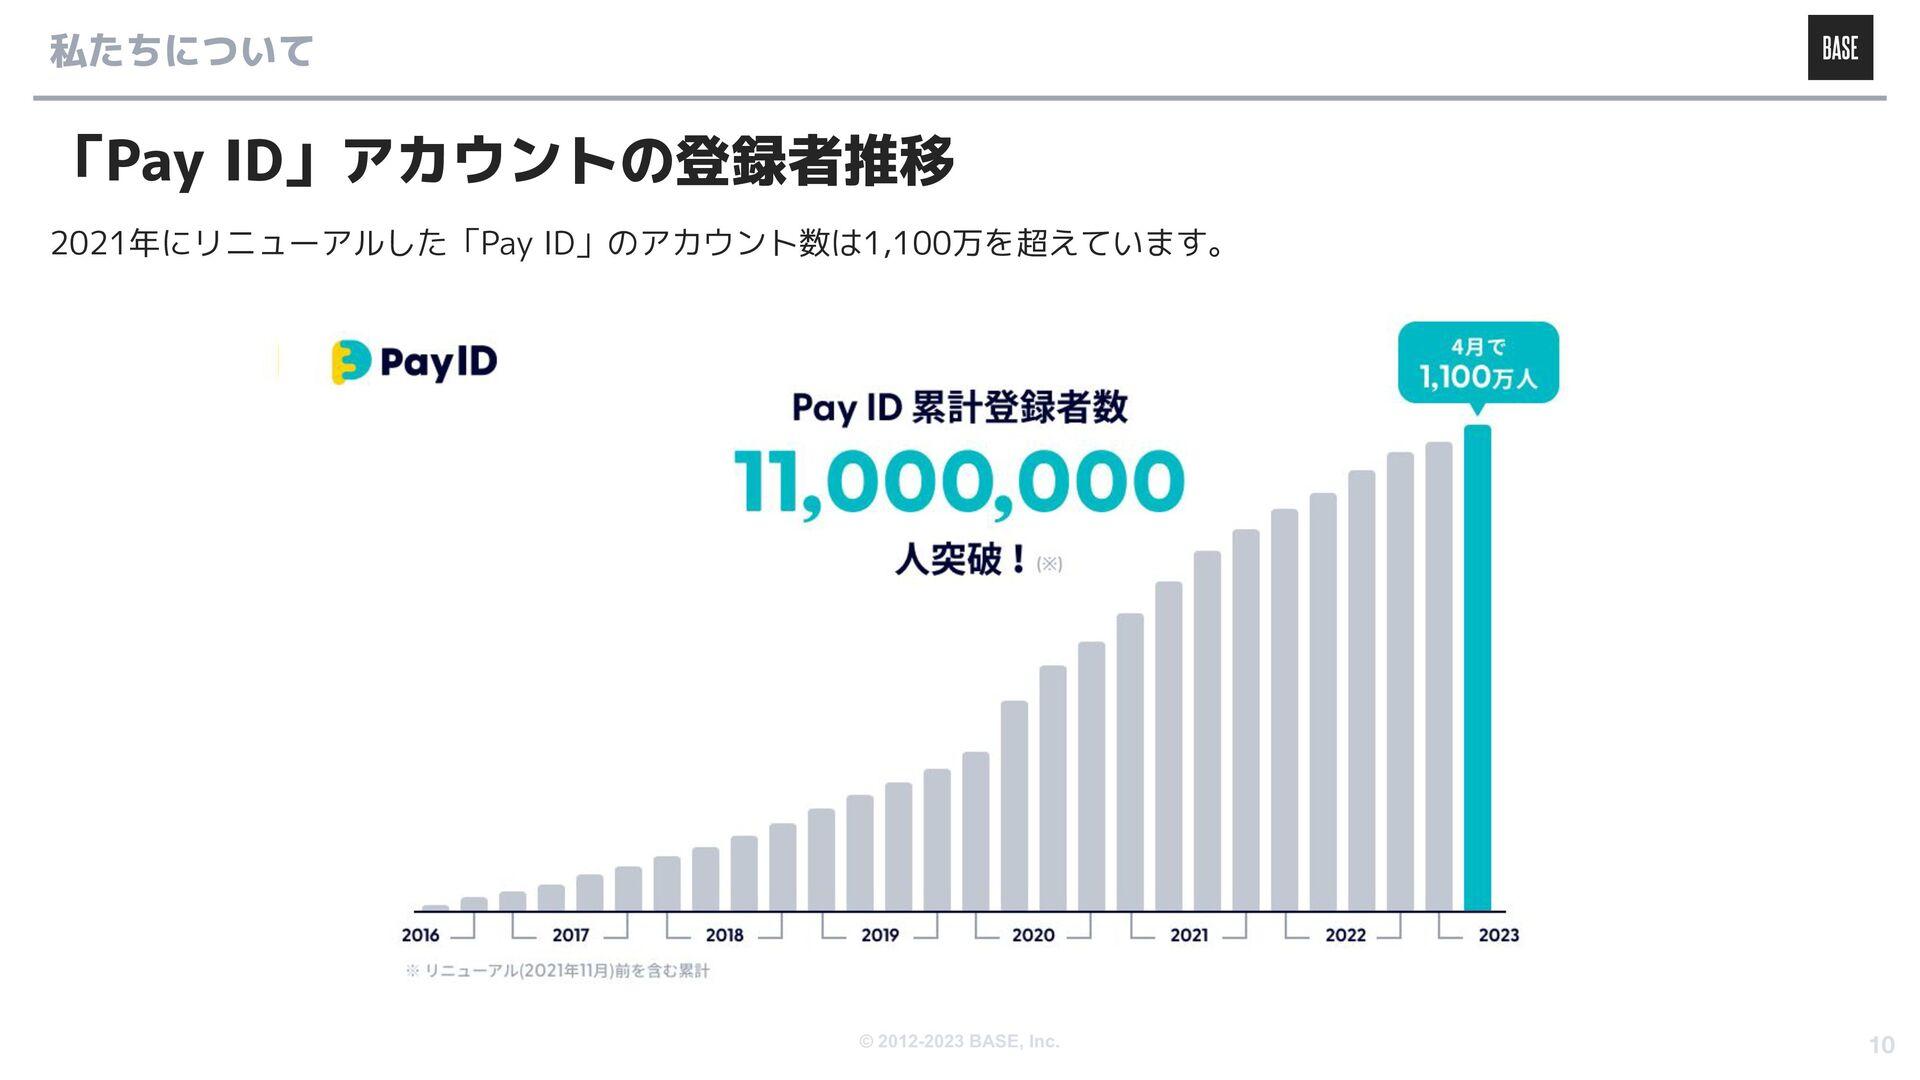 © 2012-2020 BASE, Inc. 私たちについて 今後の方針 オーナーズの付加価値...